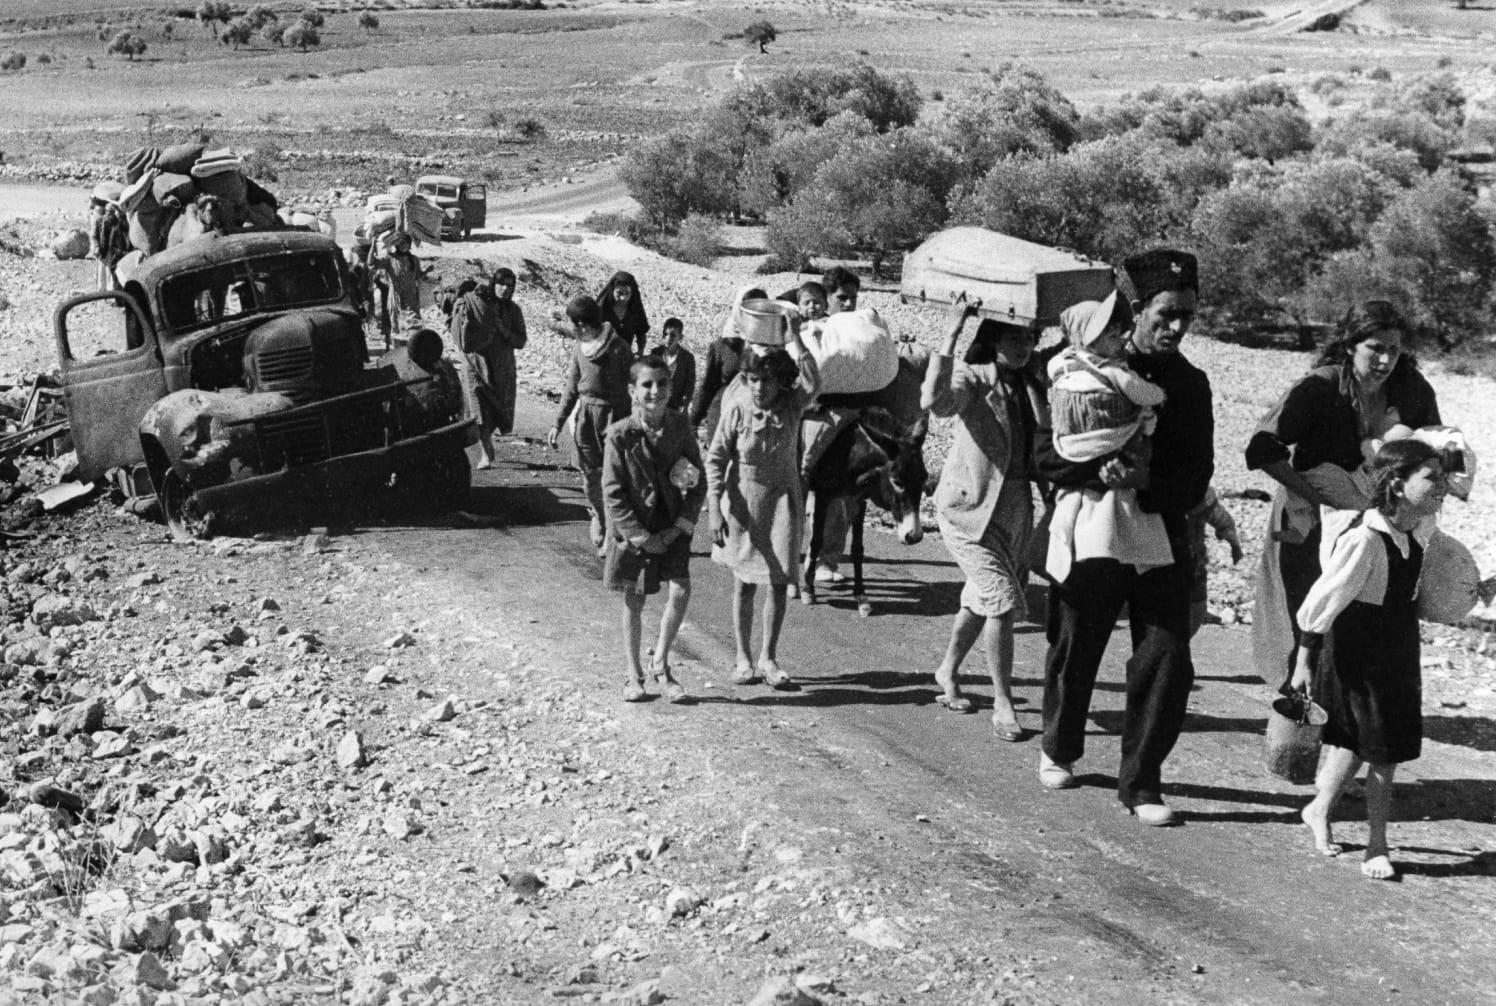 النكبة قضت على تطور المجتمع الفلسطيني الطبيعي (أ ب)